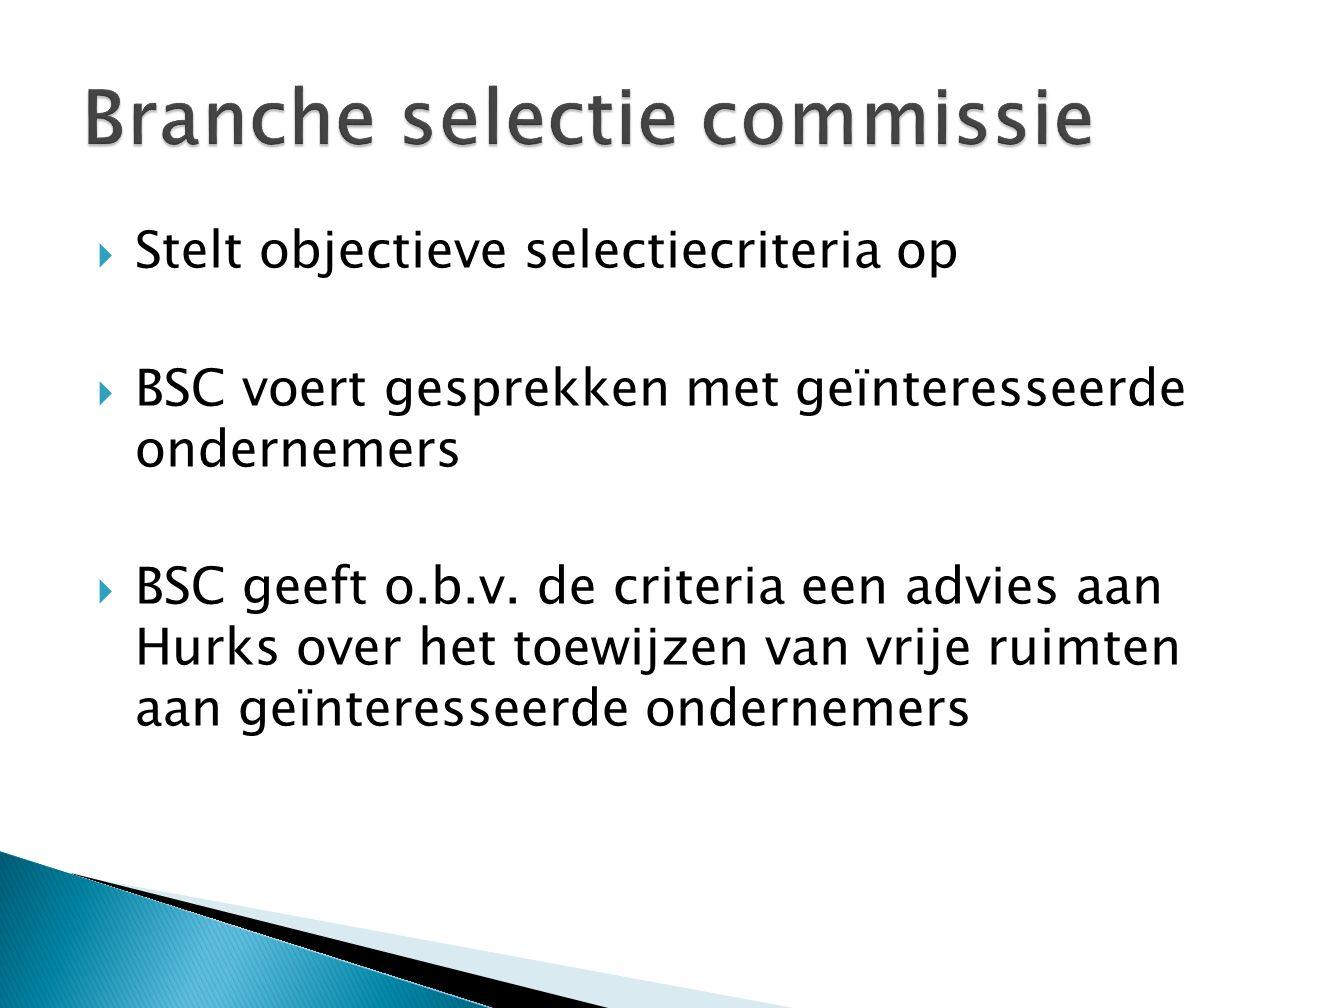  Stelt objectieve selectiecriteria op  BSC voert gesprekken met geïnteresseerde ondernemers  BSC geeft o.b.v.